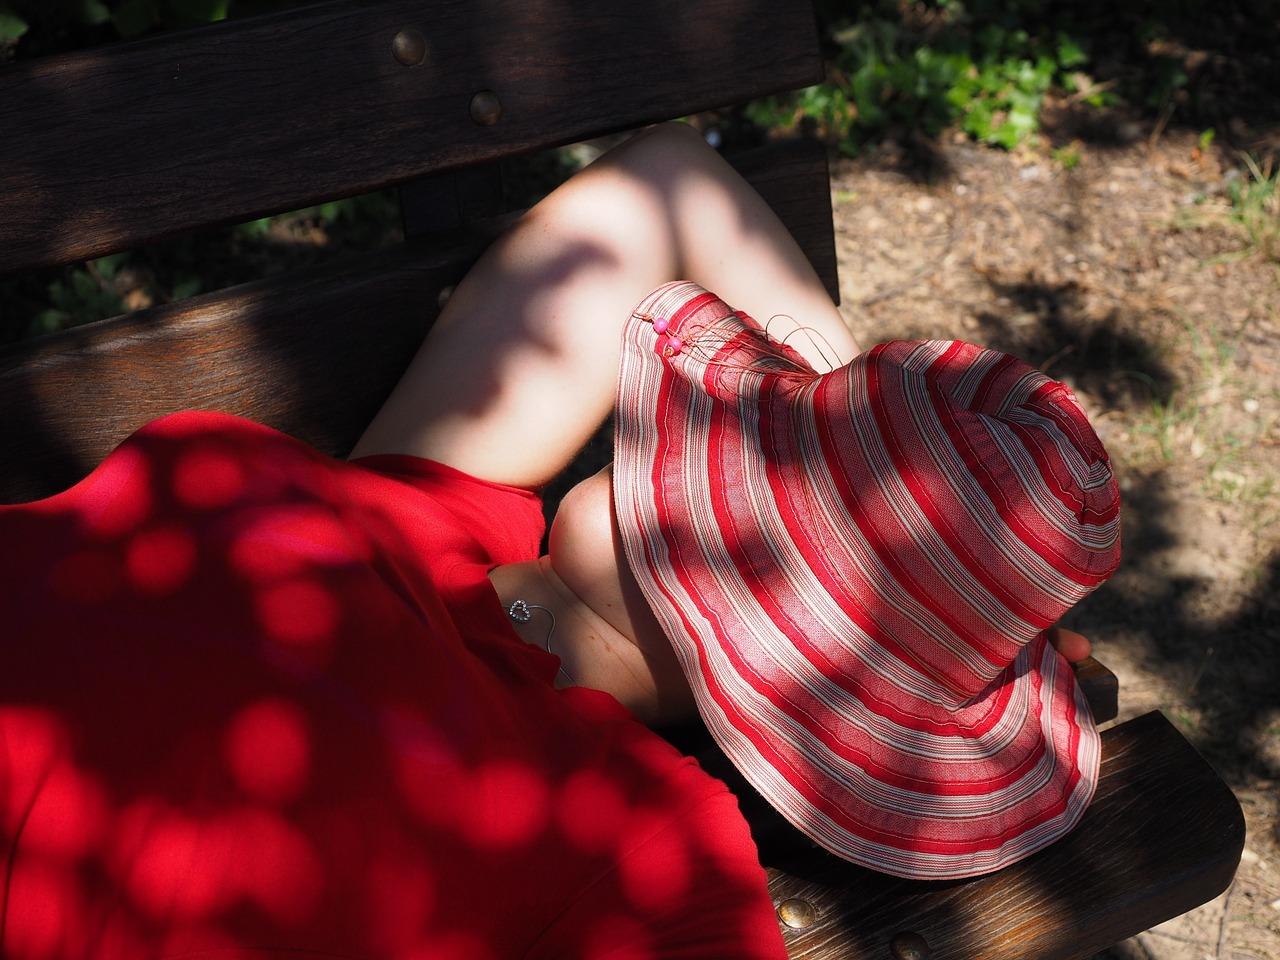 dormire su panchina, stanchezza e sonnolenza di una donna